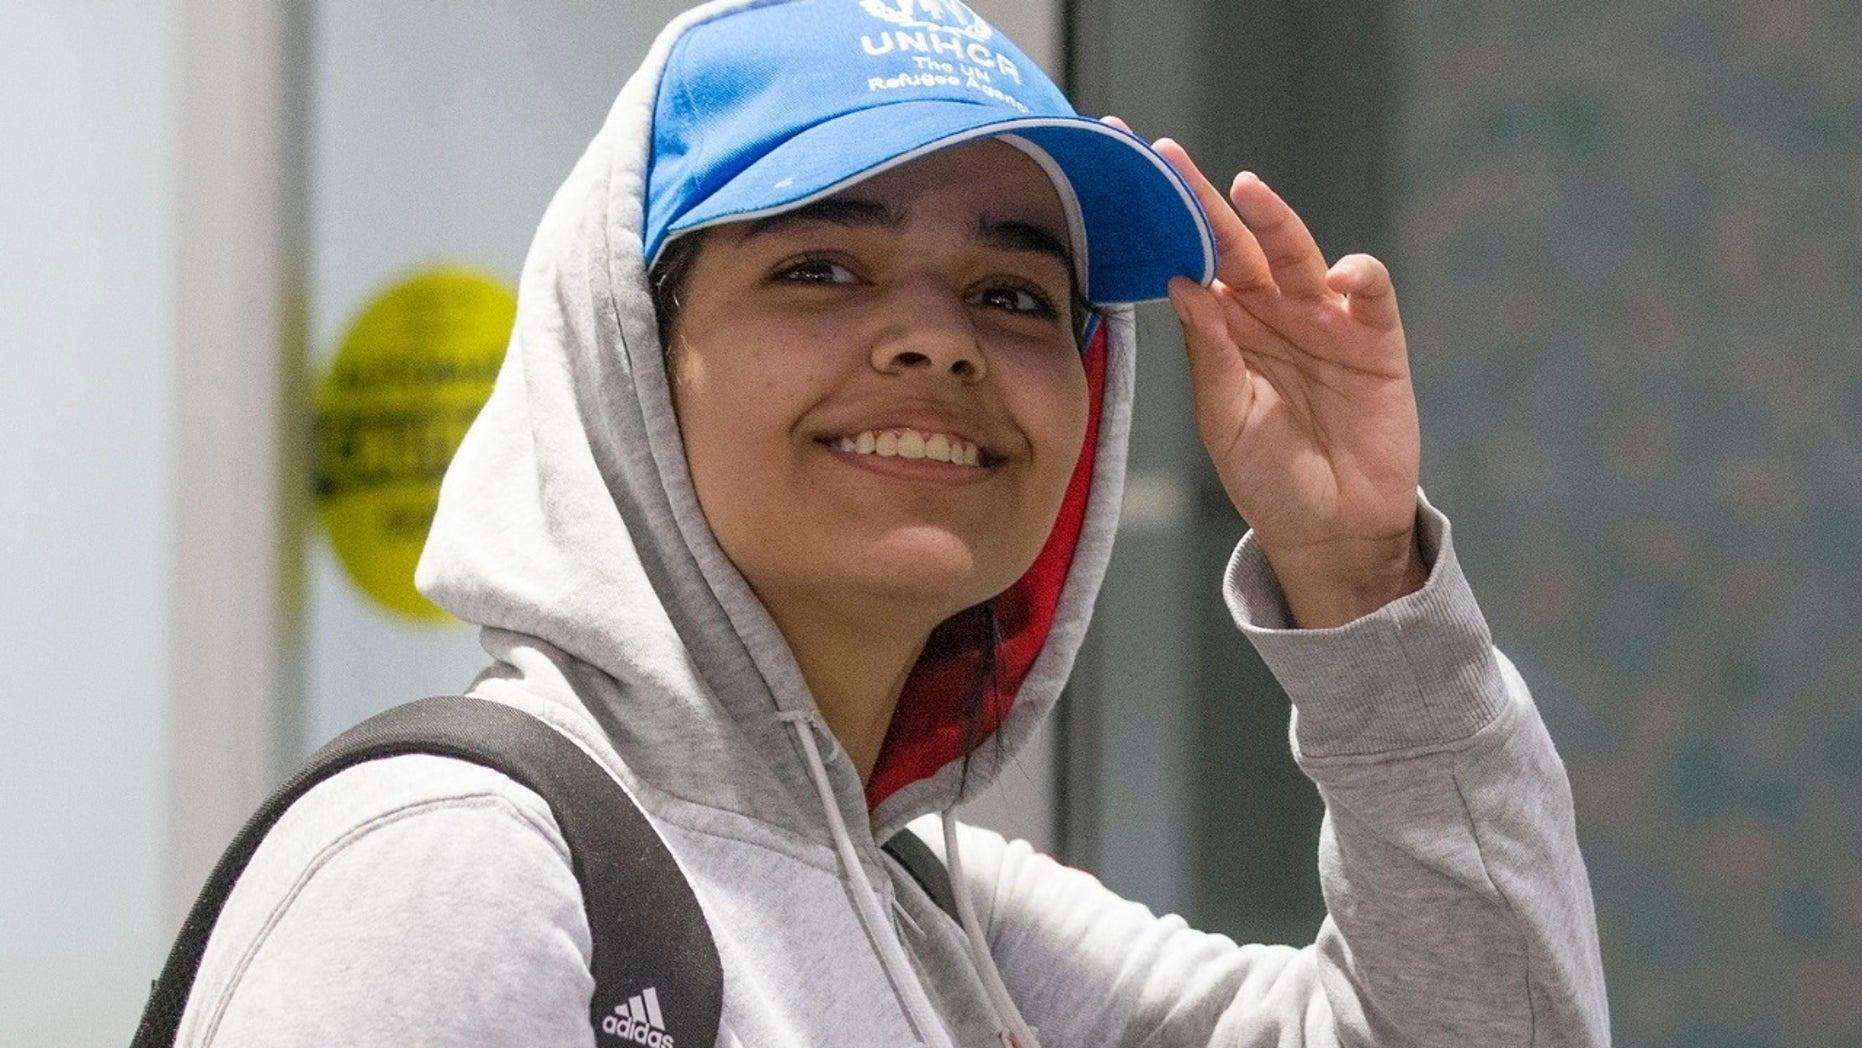 Rahaf Mohammed Alqunun, de 18 años, fue visto sonriendo mientras salía por una puerta en el aeropuerto de Toronto después de una semana dramática en la que vio su vuelo. su familia mientras visitaba Kuwait y luego se dirigía a Bangkok, Tailandia.